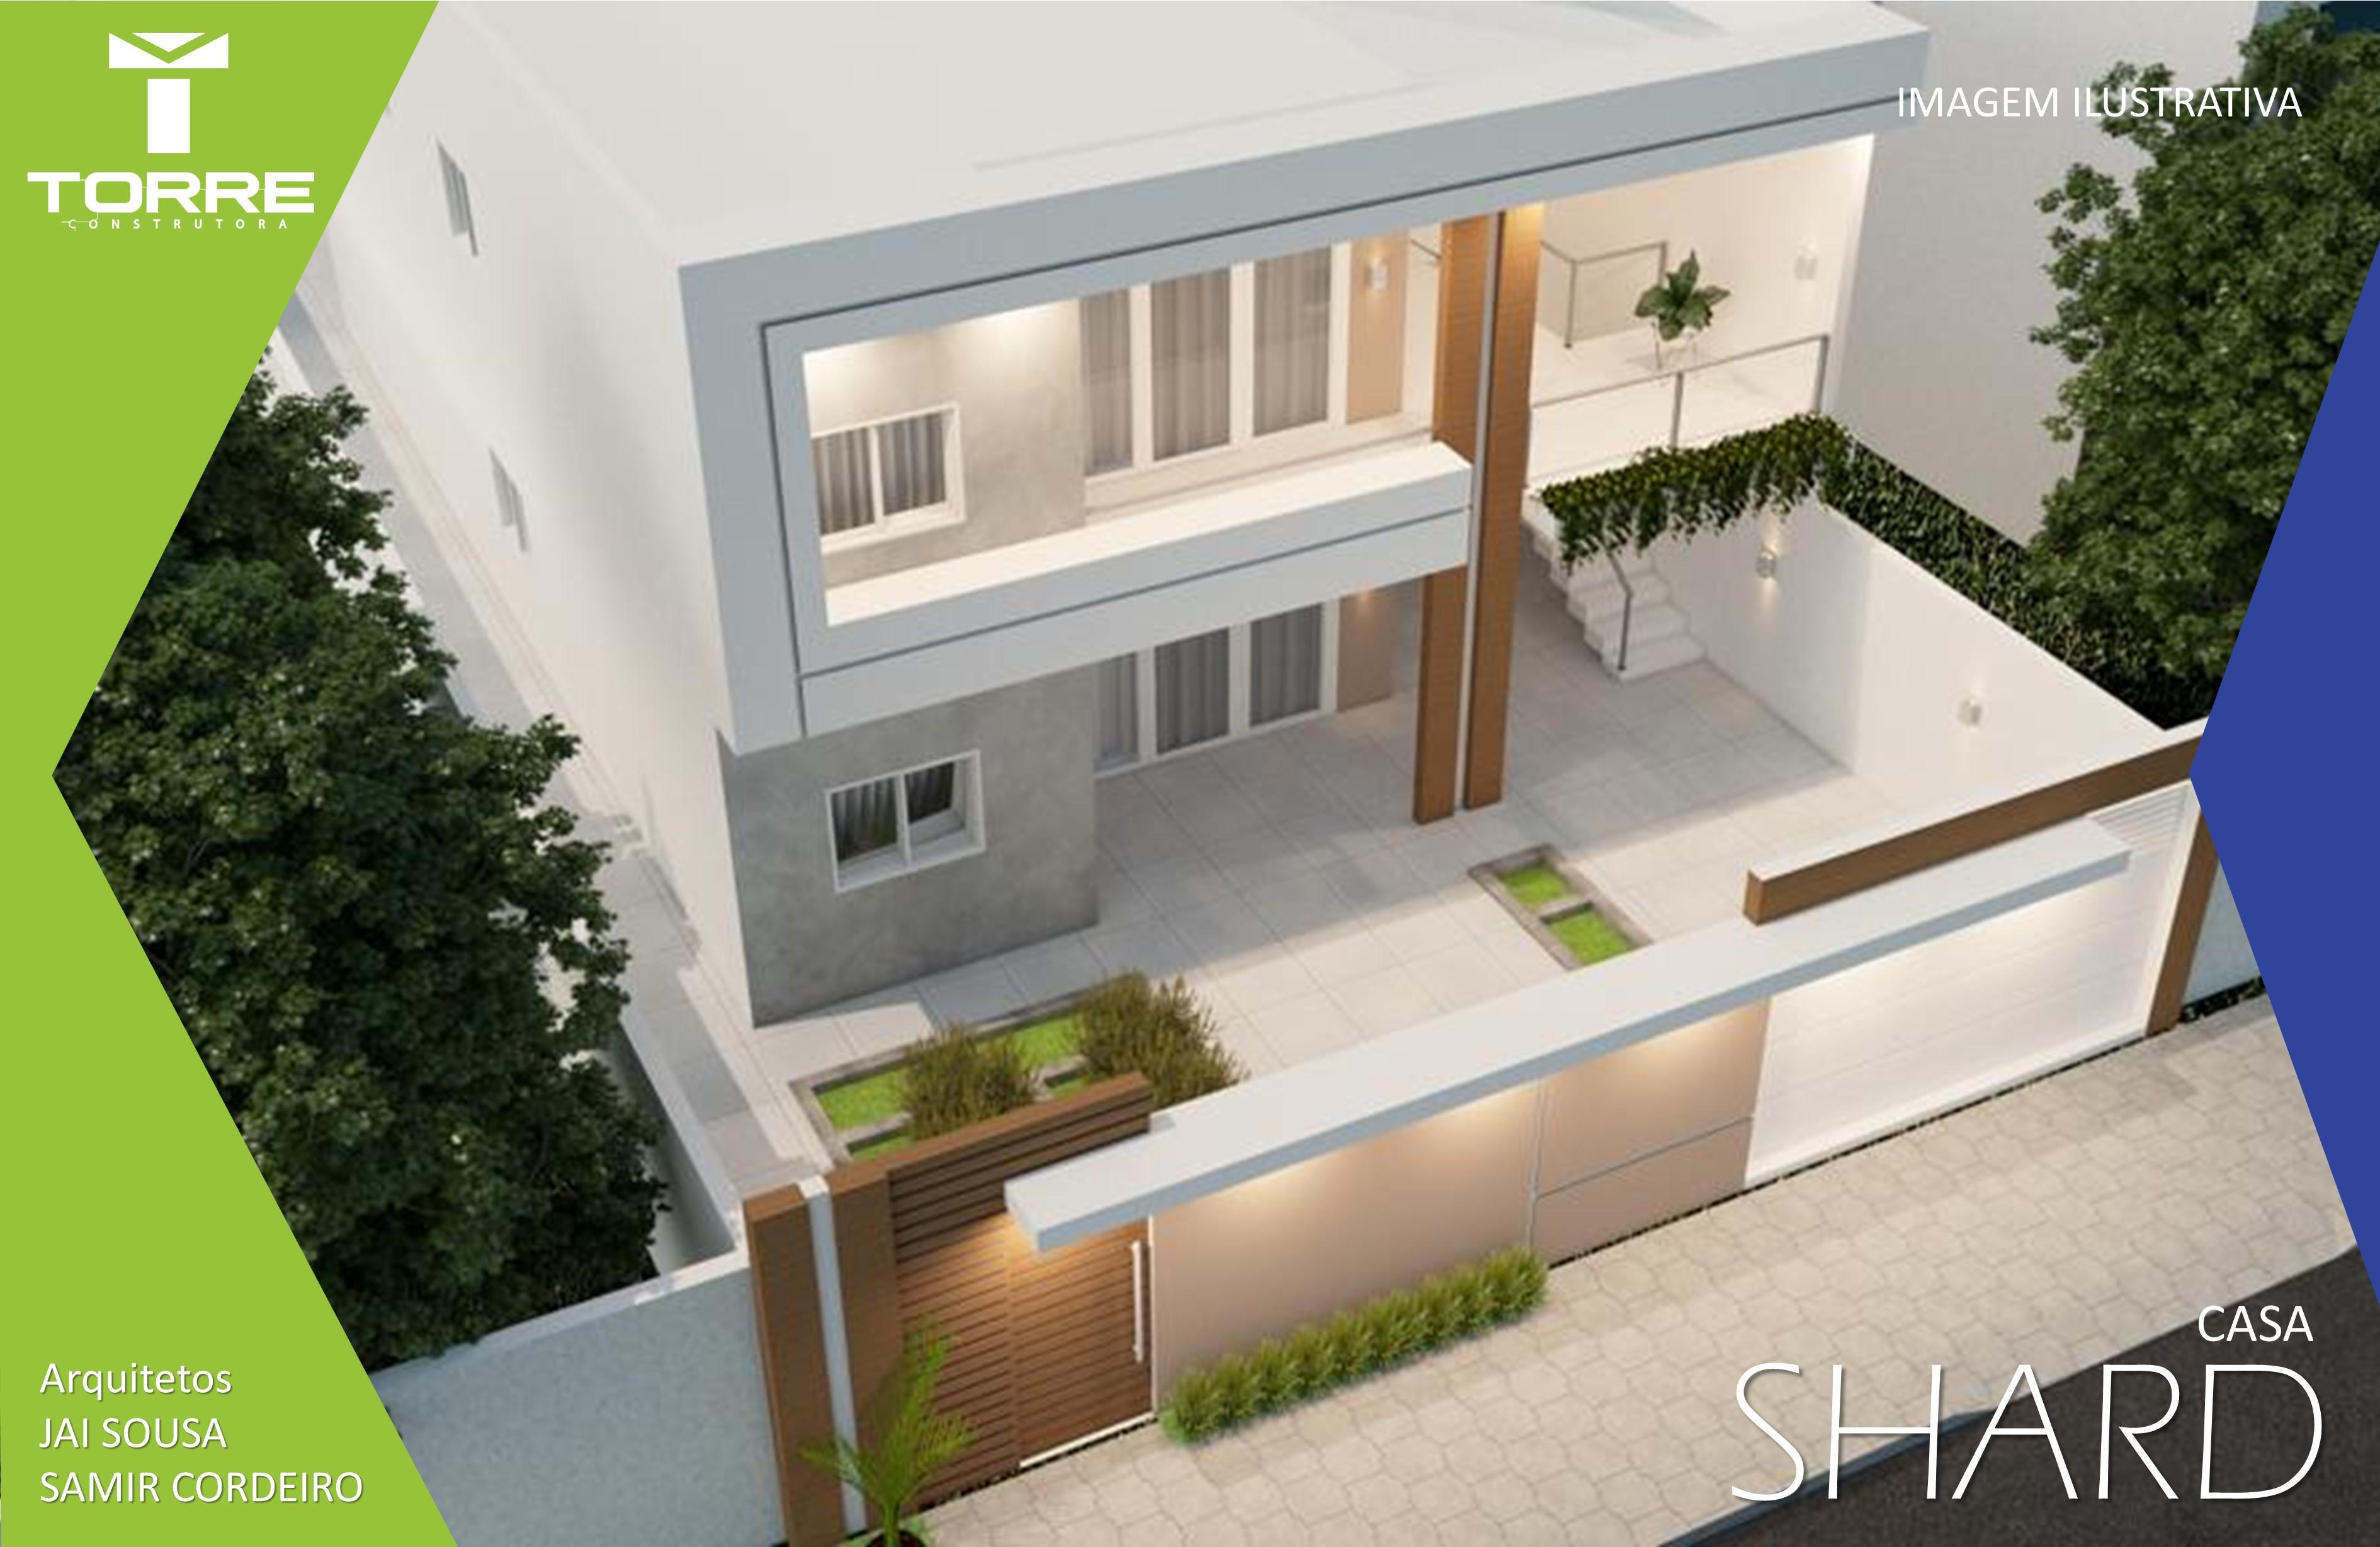 Casa Shard